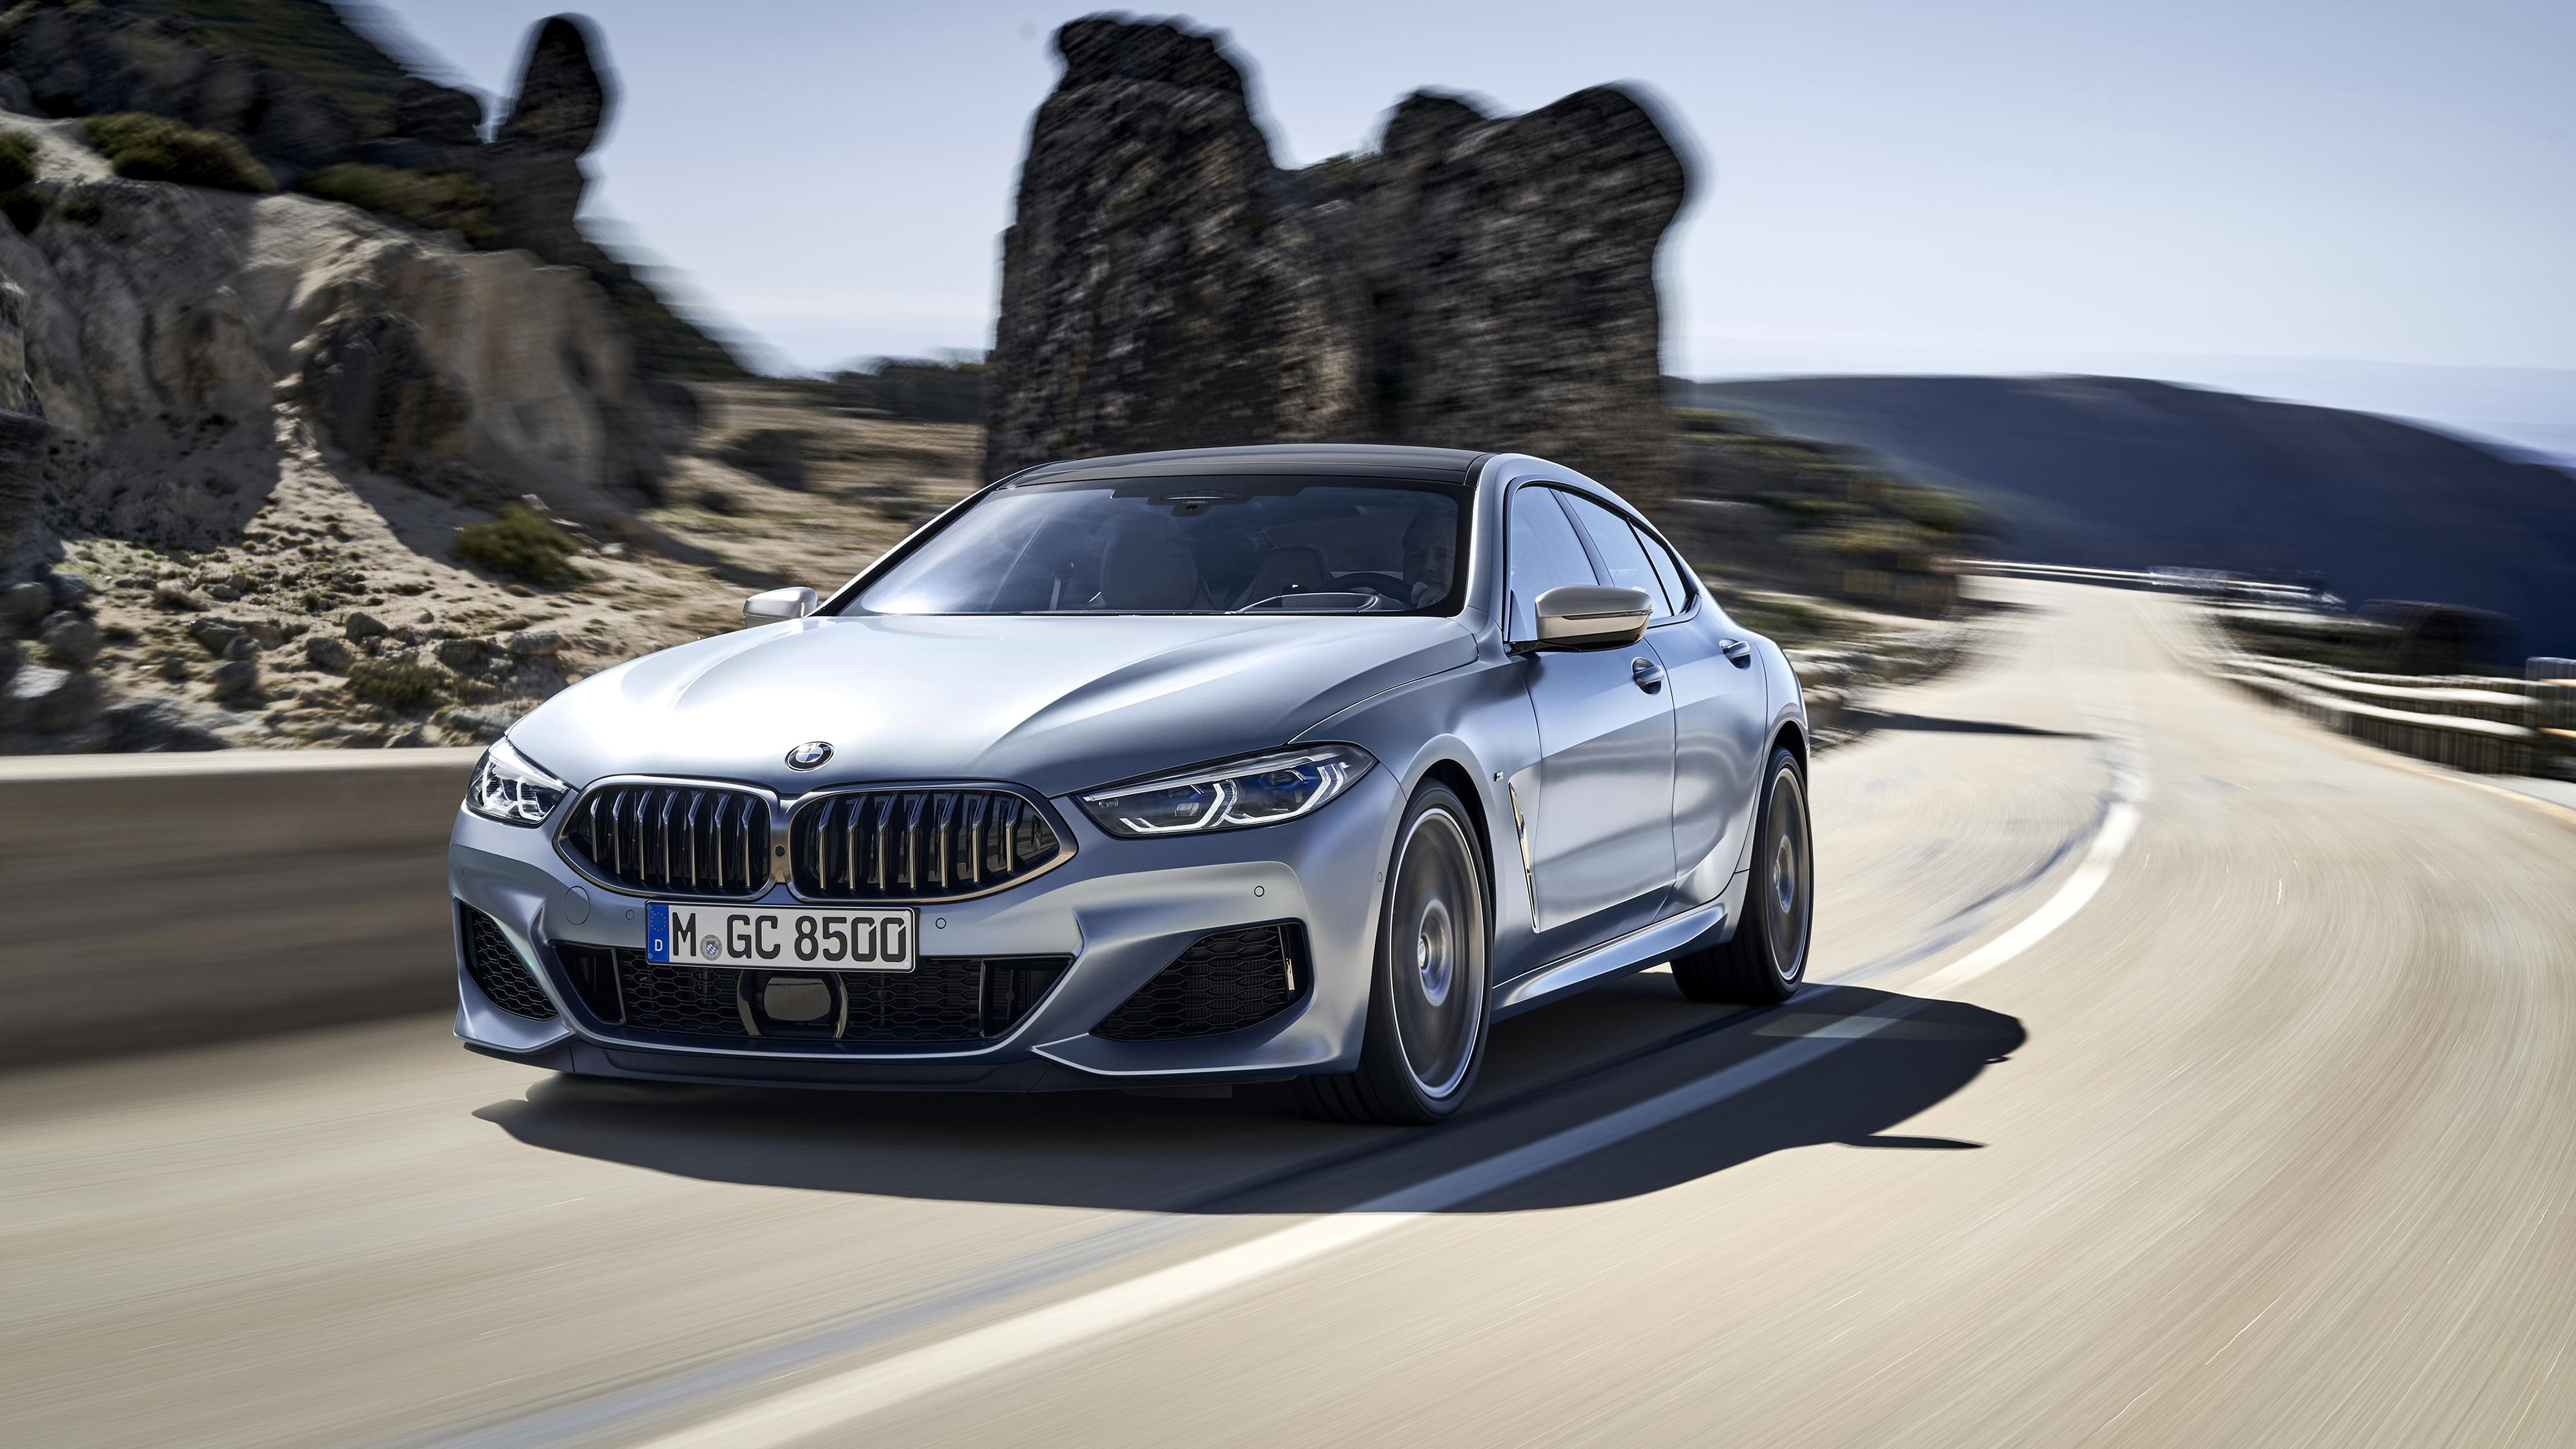 BMW M850i xDrive Gran Coupe 2019 4K Wallpaper | HD Car ...